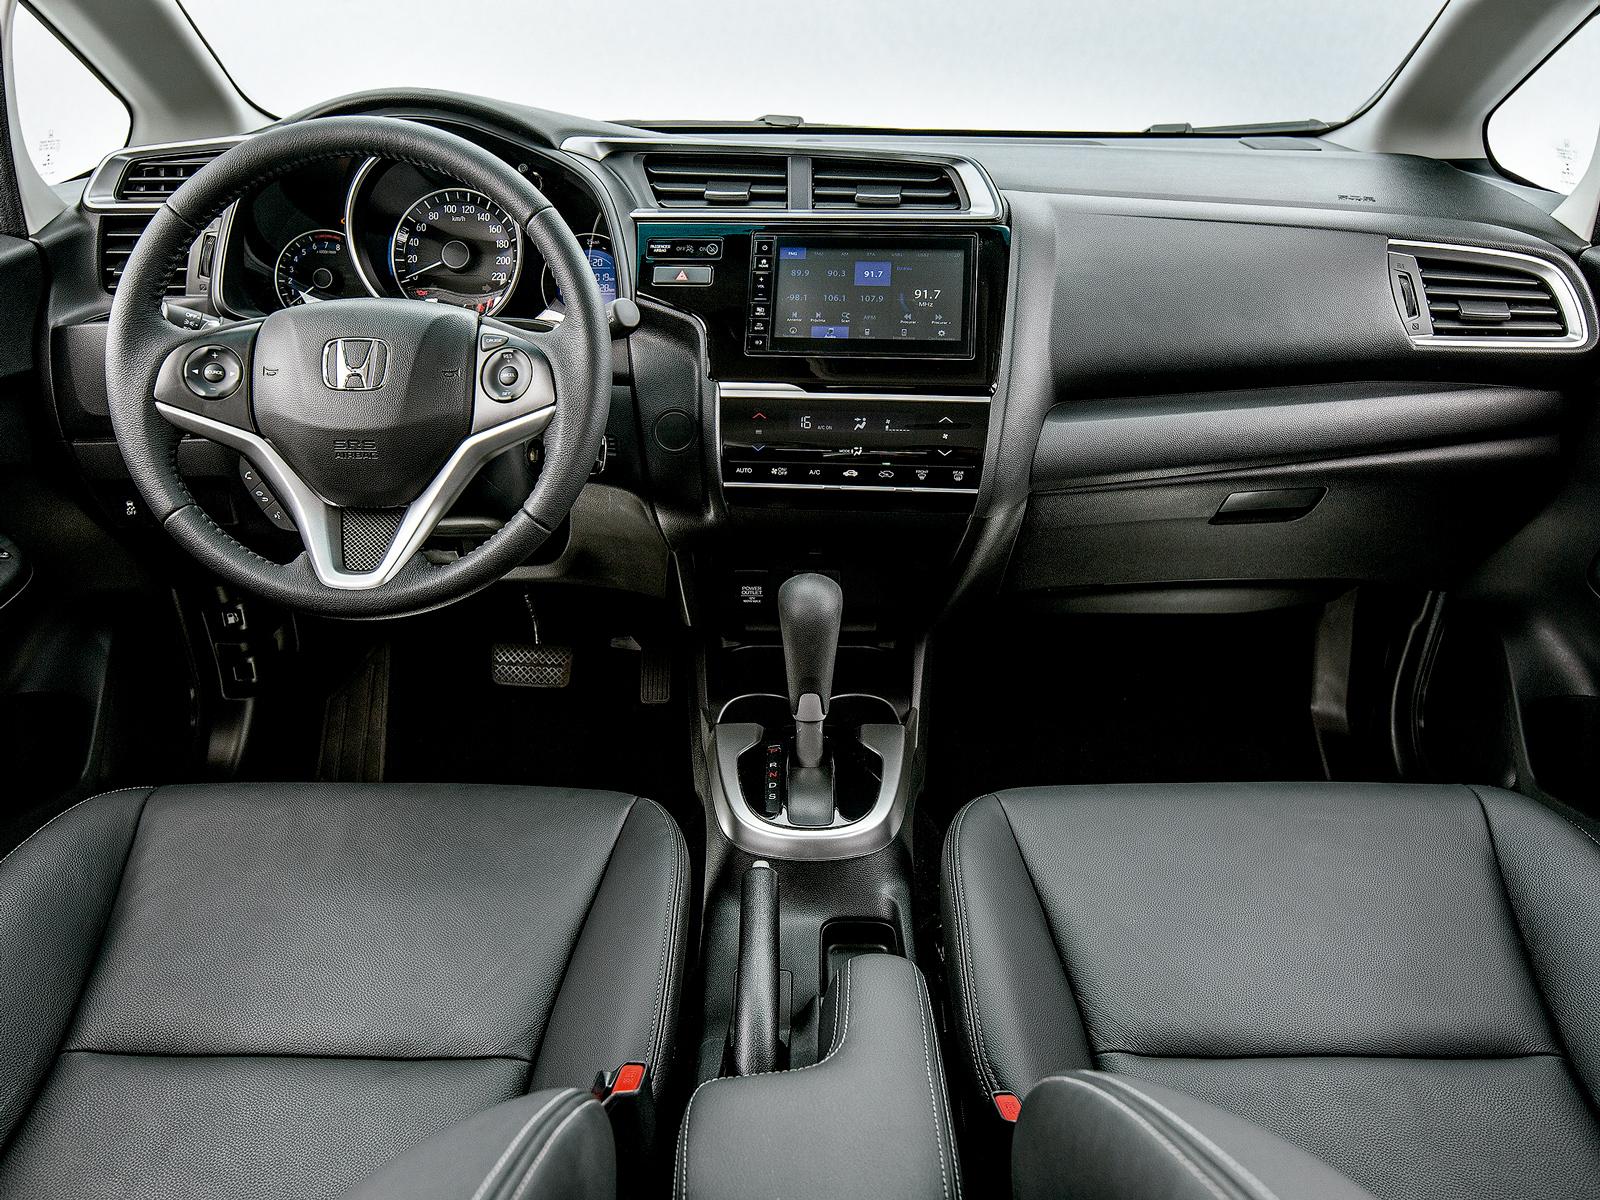 Multimídia, ar digital e ESP: dívidas antigas do Honda Fit